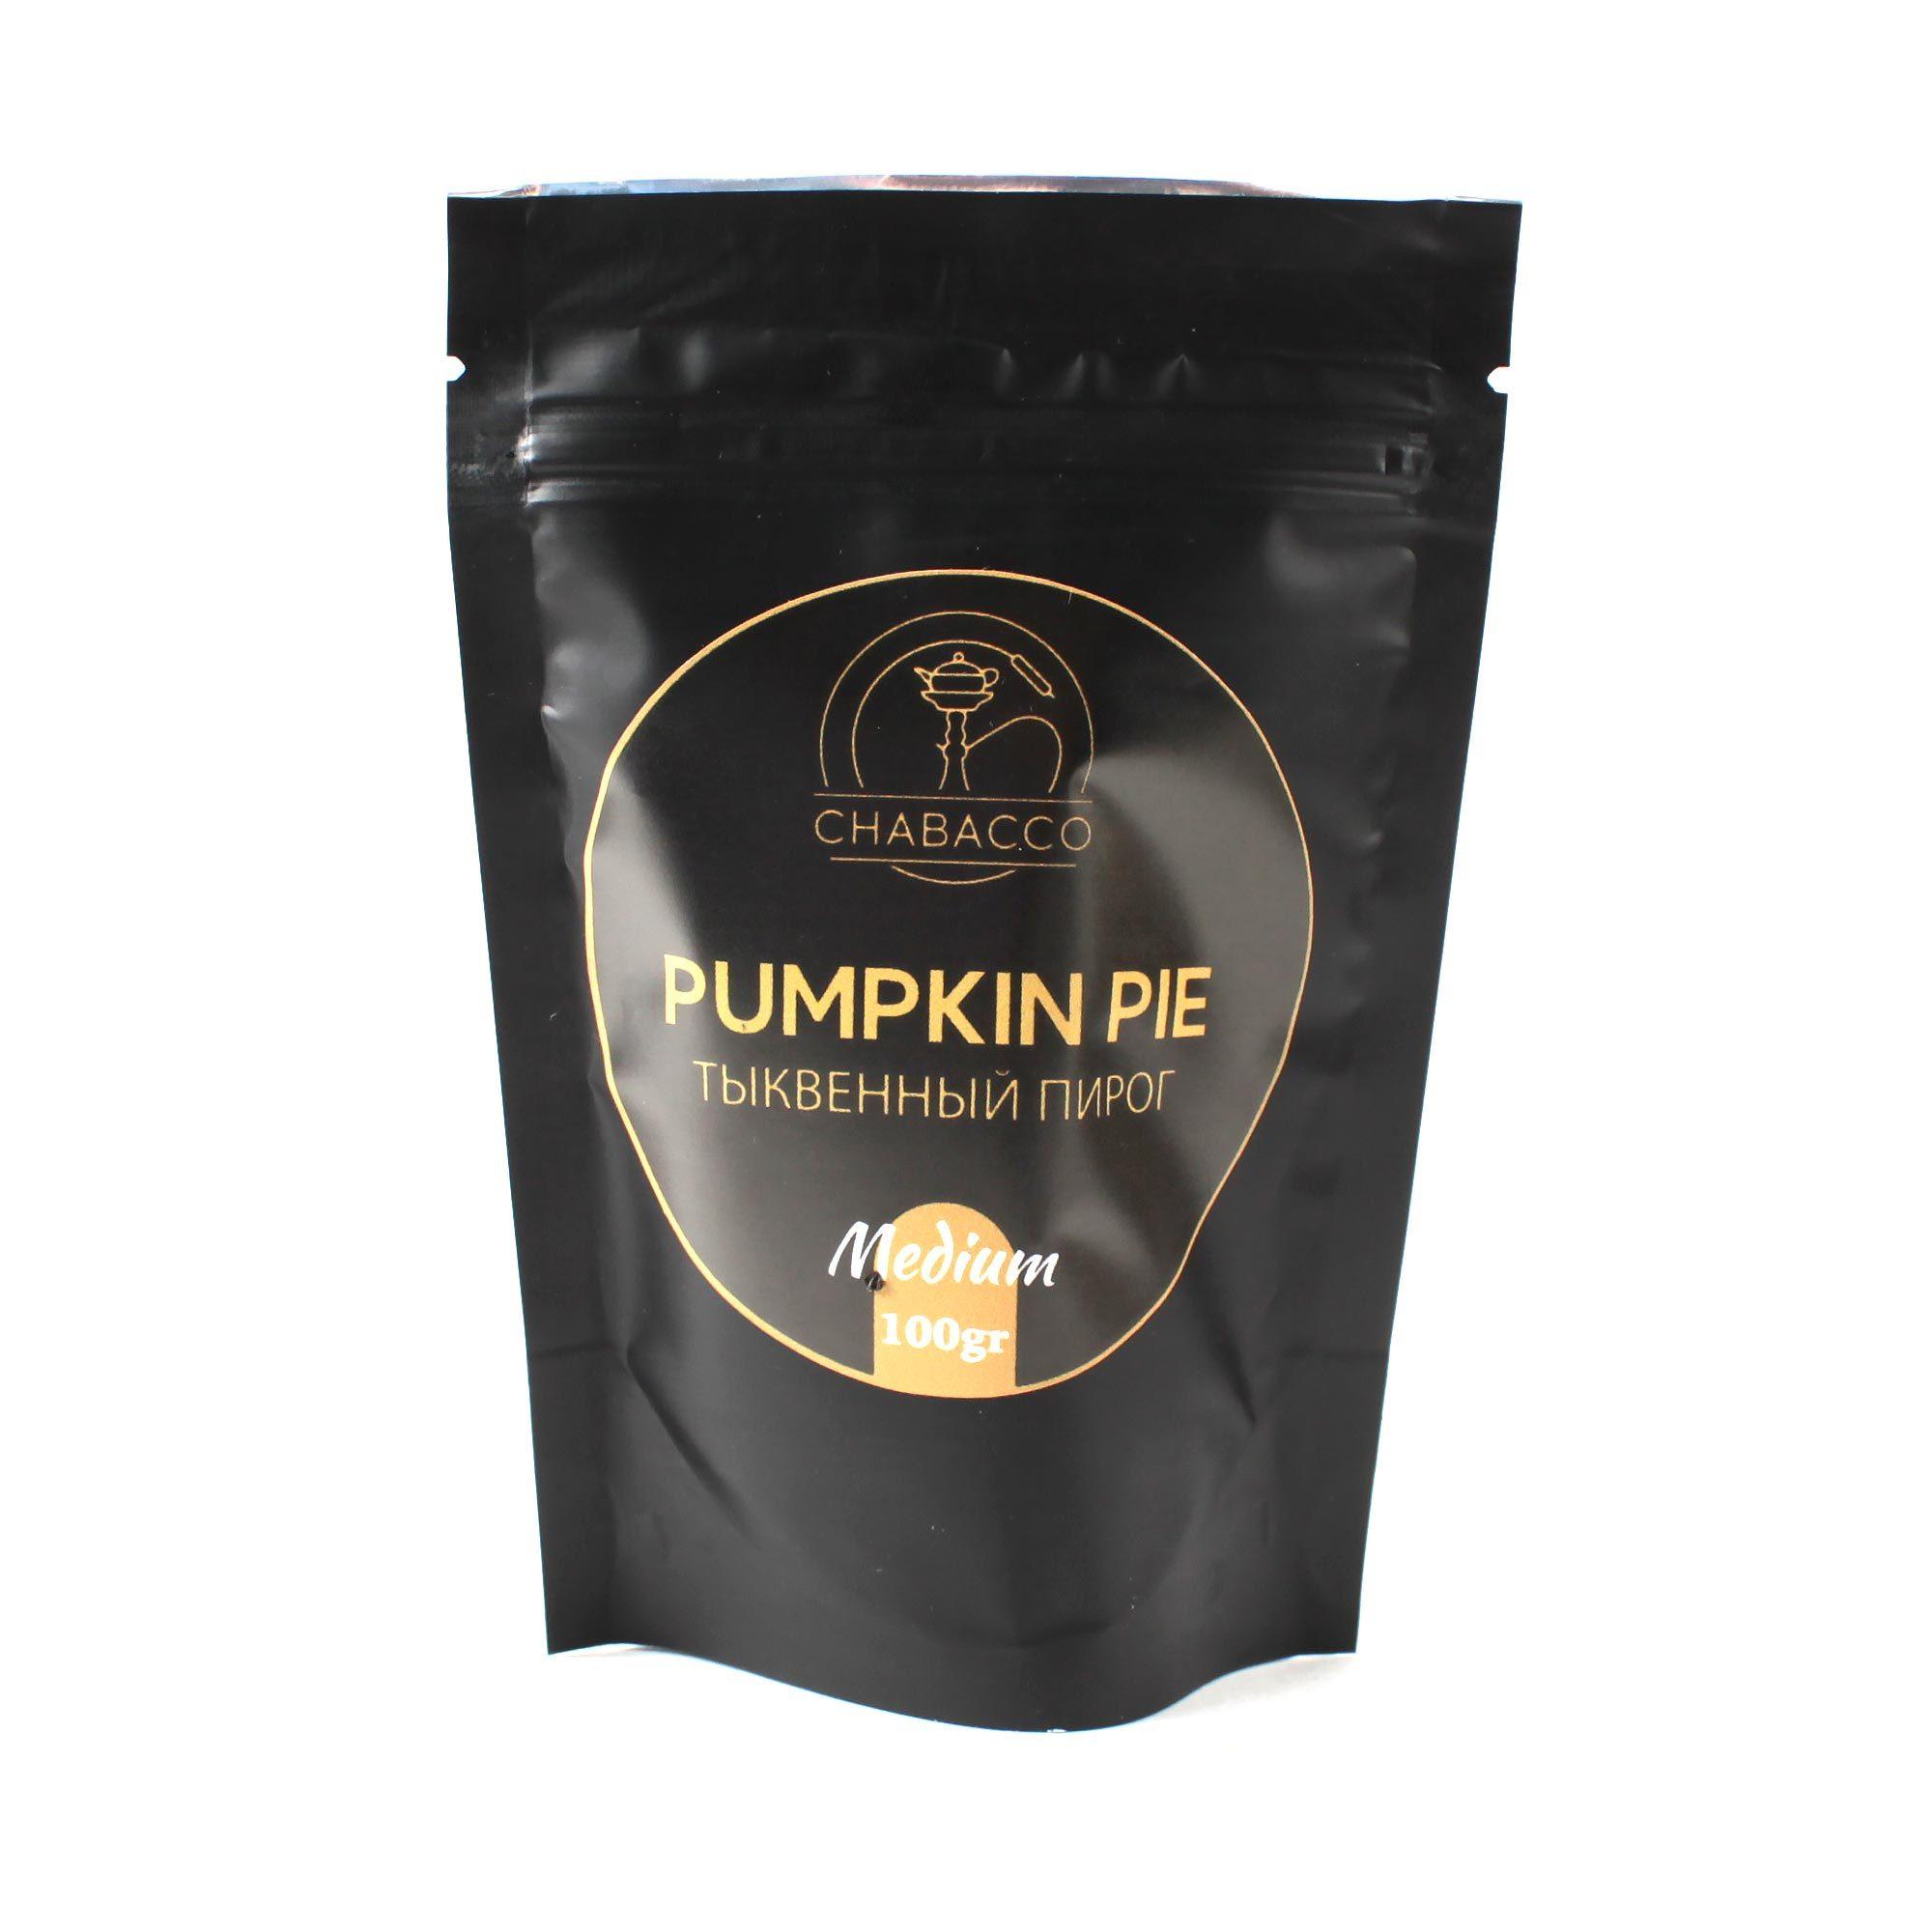 Кальянная смесь Chabacco Medium 100 гр Pumpkin Pie